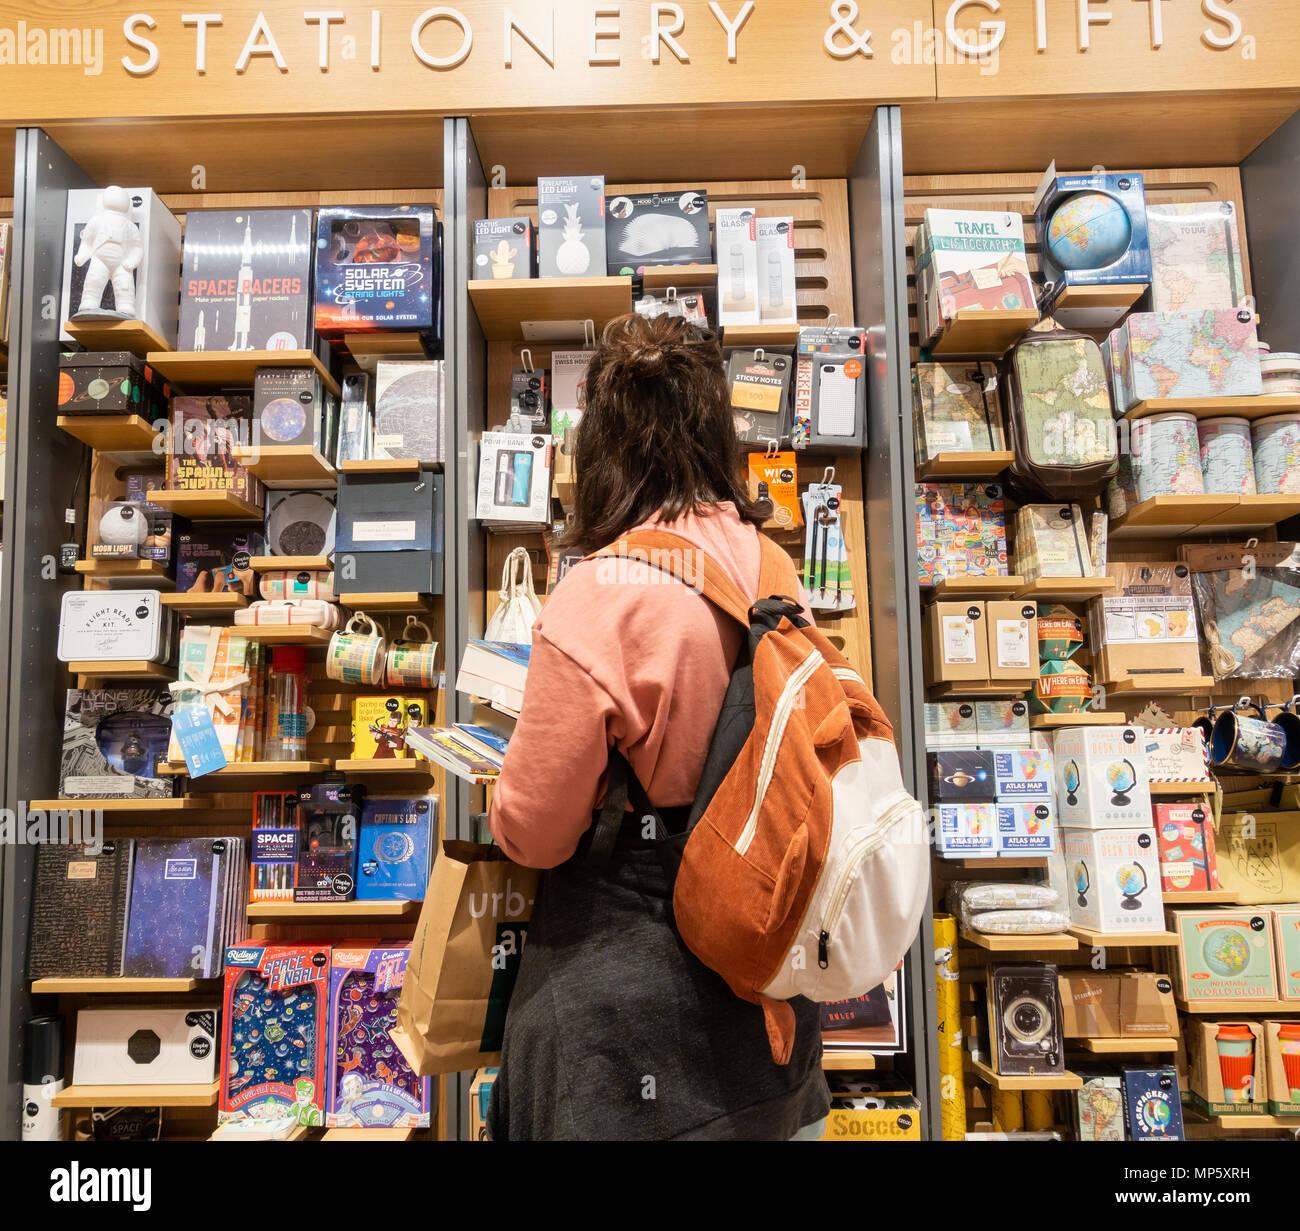 Papeterie et cadeaux dans la section librairie Waterstones. UK Photo Stock